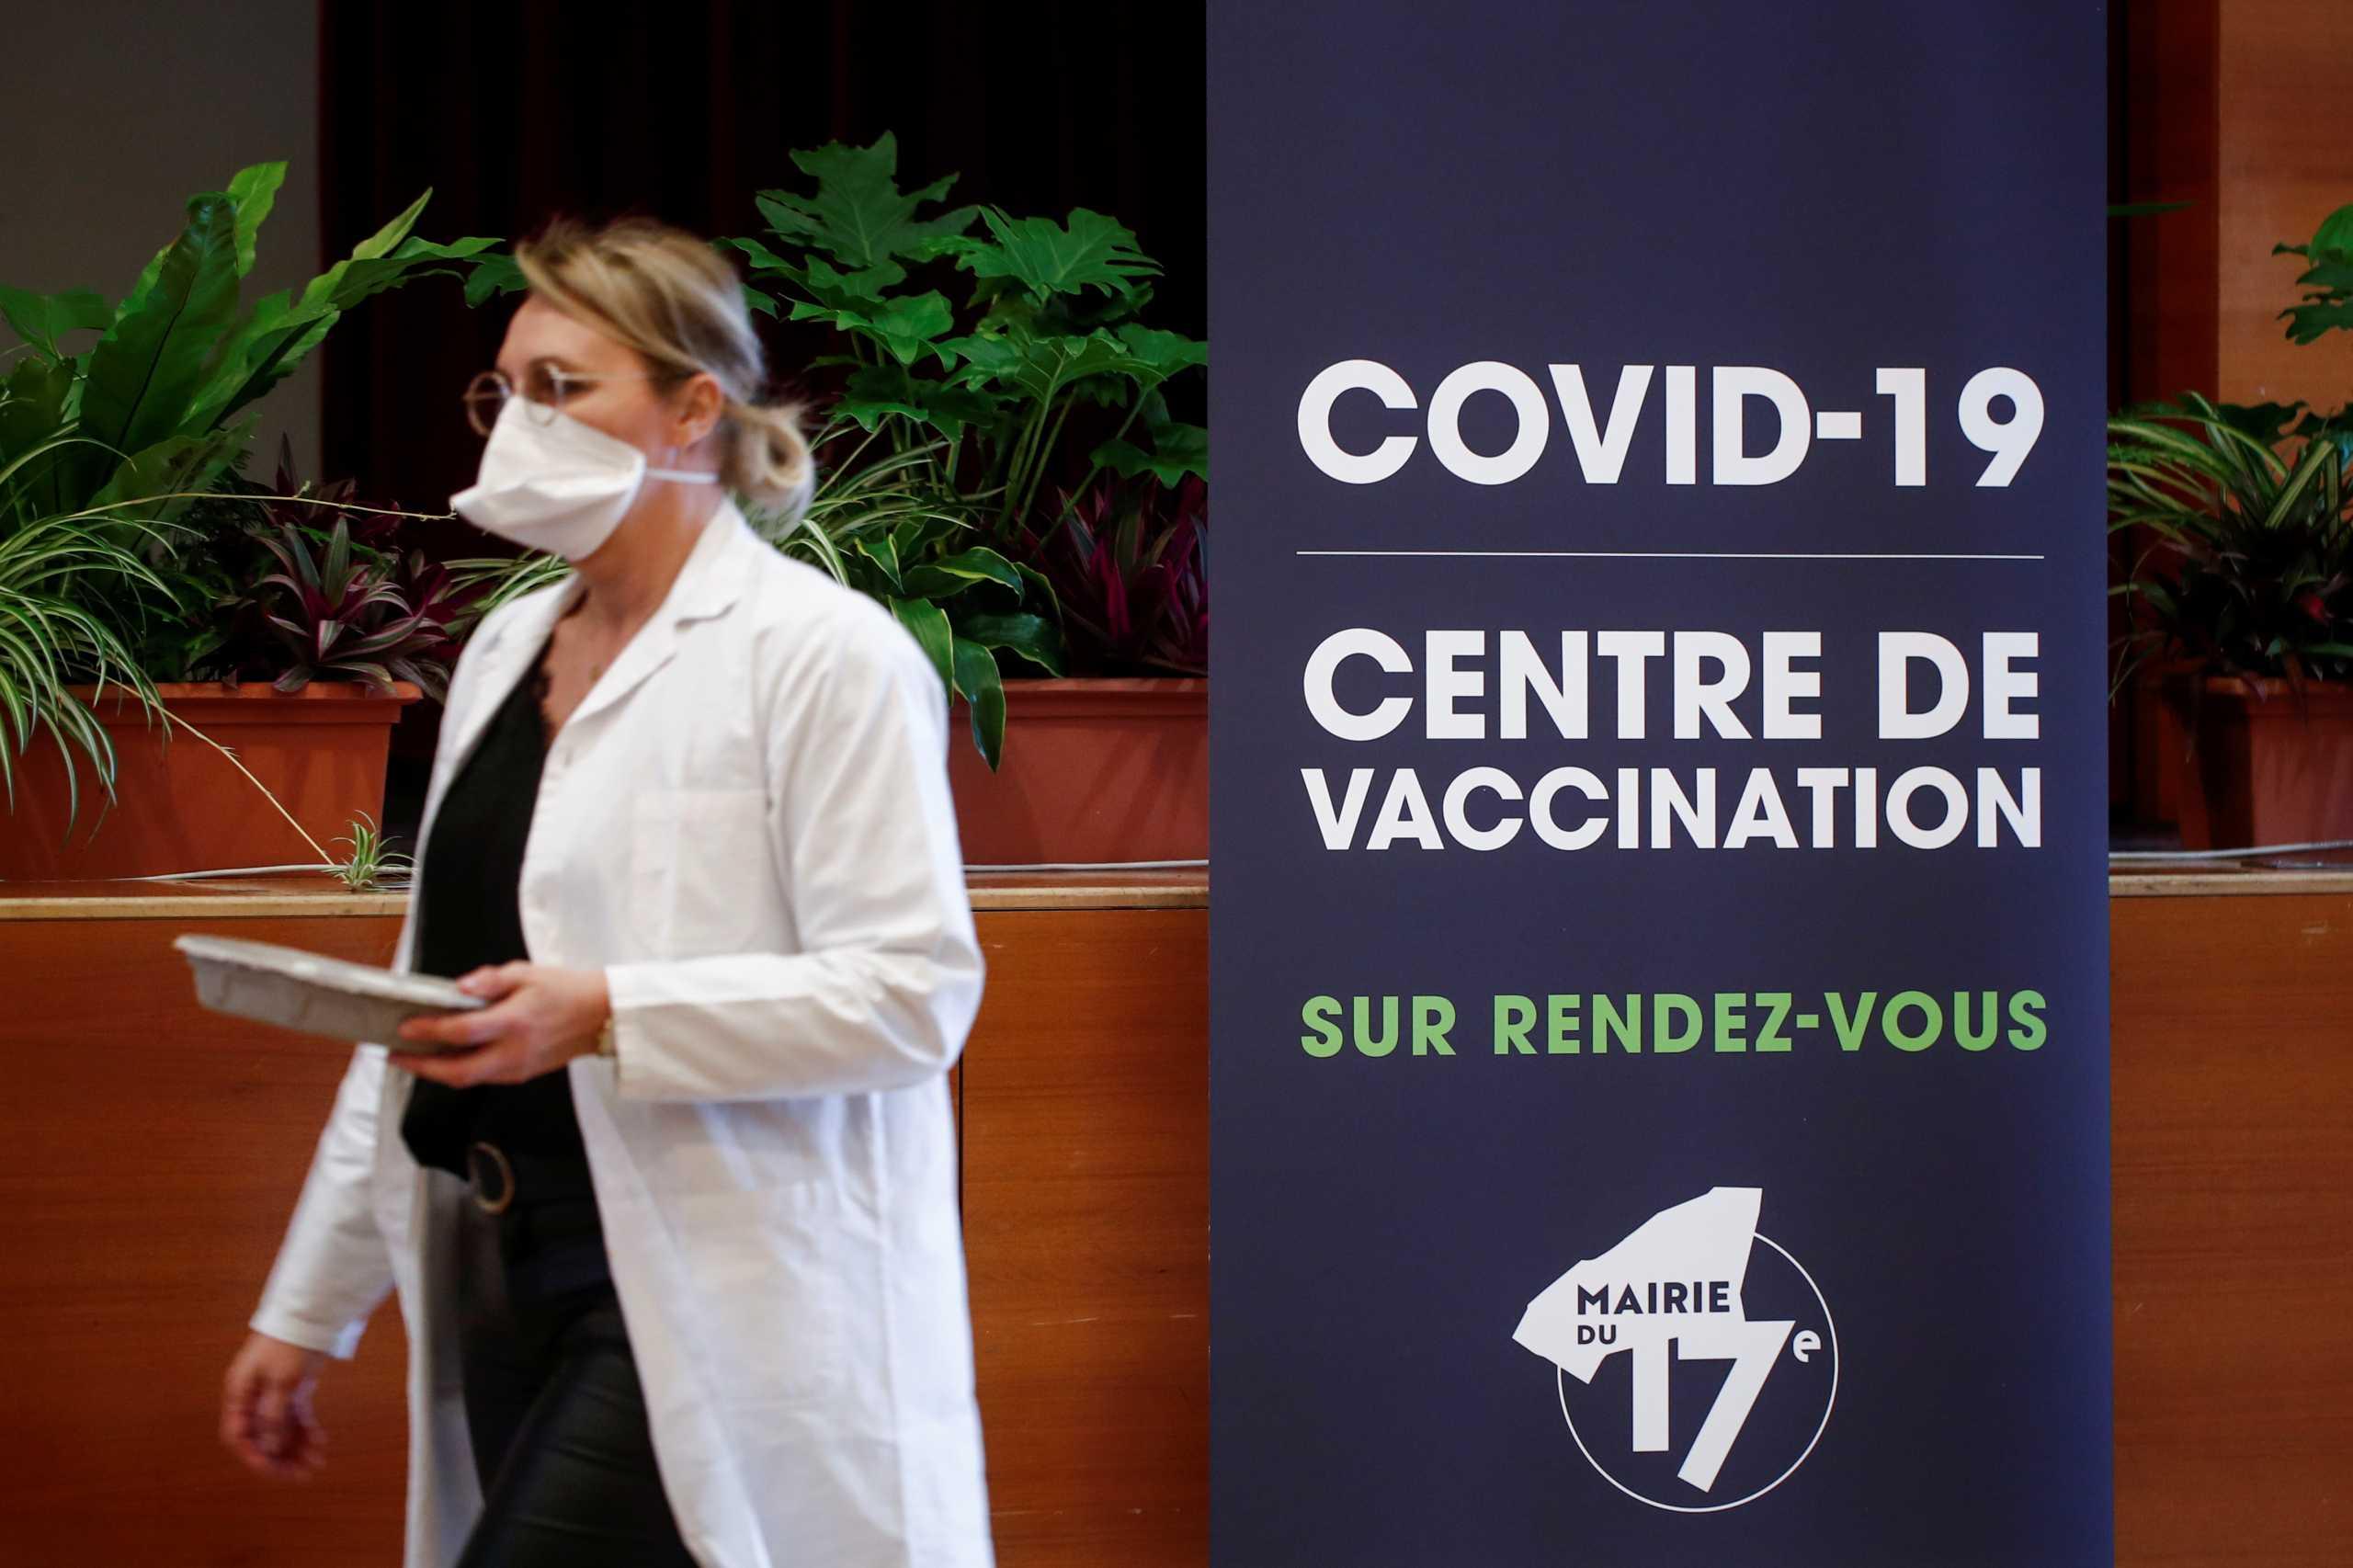 Εμβόλιο AstraZeneca – Γαλλία: Δεν υπάρχει λόγος να το απορρίπτουν οι πολίτες